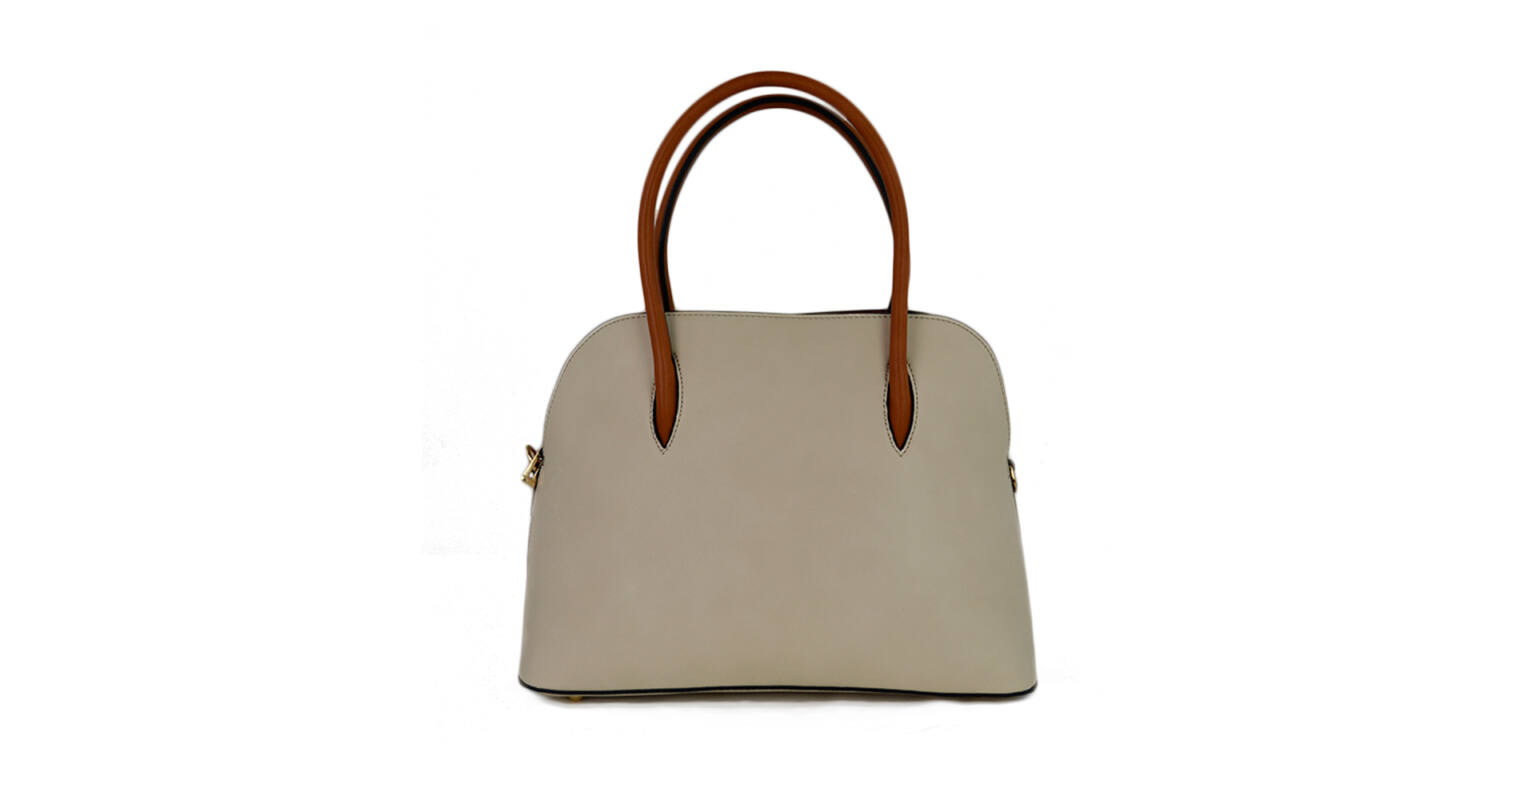 e0a3591d1533 Besty Női Kis Méretű Bézs Válltáska - Kézitáskák - Táska webáruház - Minőségi  táskák mindenkinek